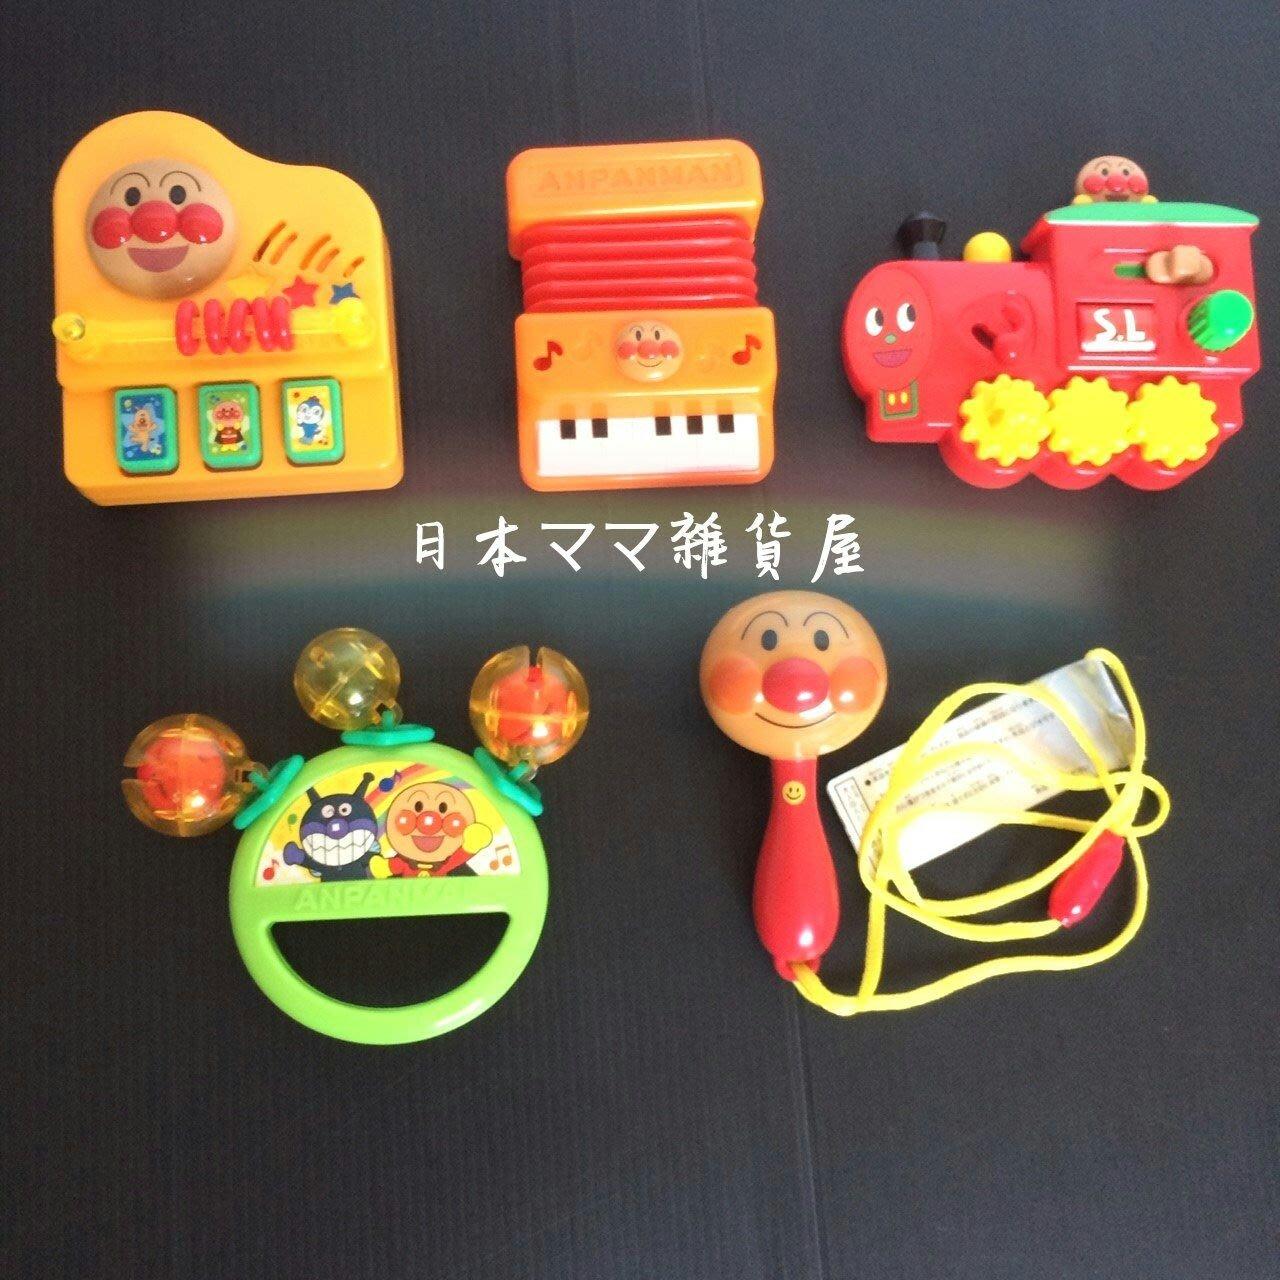 麵包超人音樂手指知育玩具5件組-【日本帶回】 ?二手品?